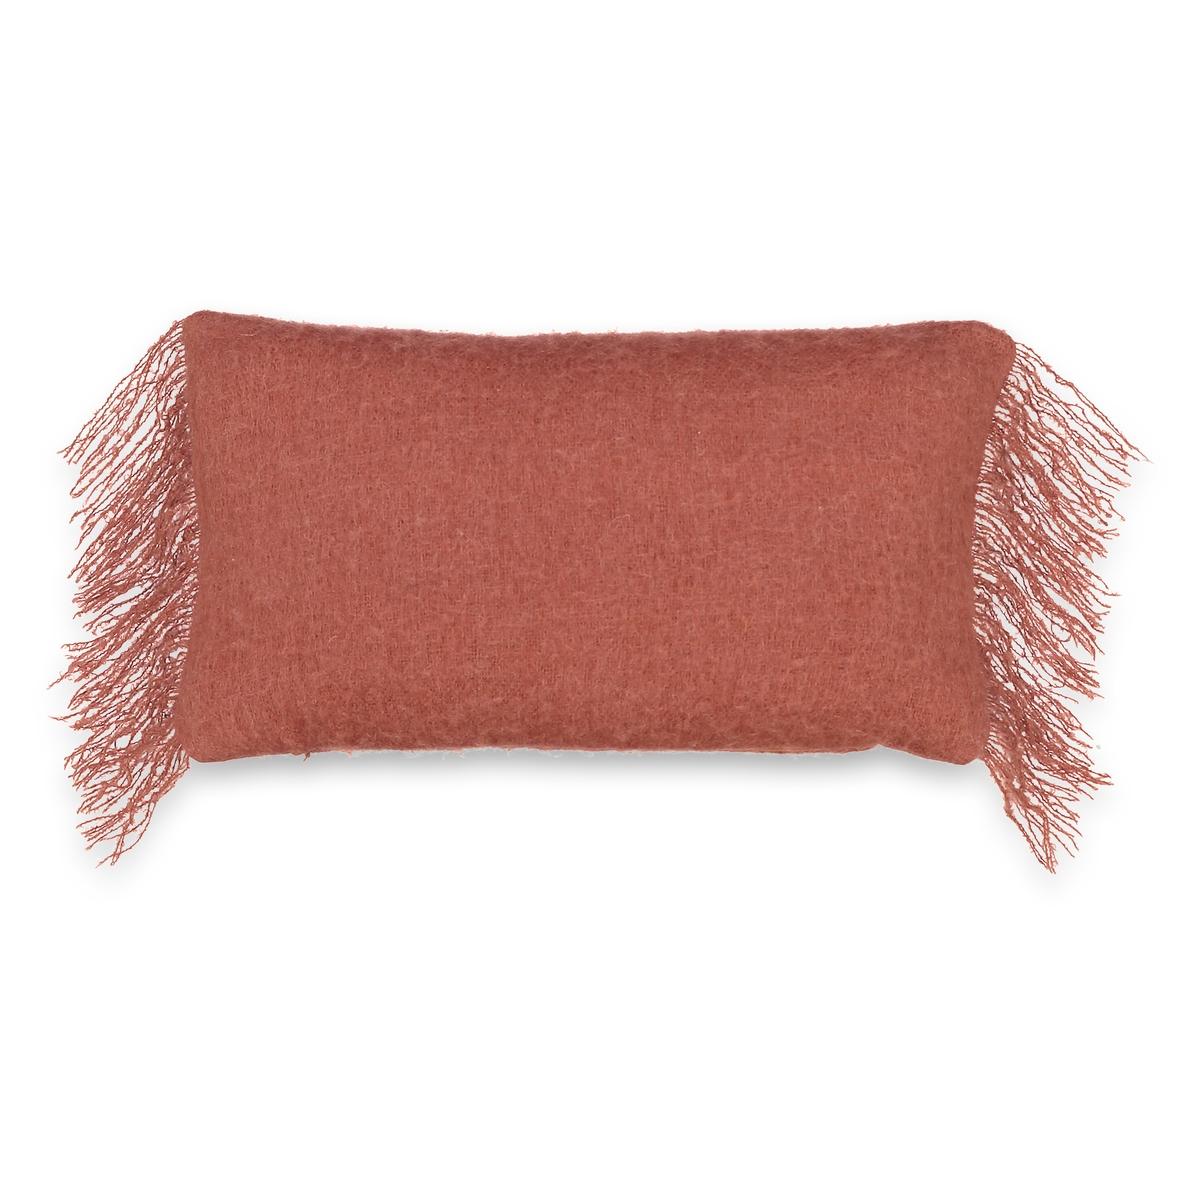 Чехол на подушку-валик TasunaМягкий и изящный чехол на подушку-валик Tasuna. Отделка бахромой с каждой стороны. Скрытая застежка на молнию.Материал :- 10% мохера, 10% нейлона, 30% шерсти, 50% акрила. Размеры :- 50 x 30 см.<br><br>Цвет: антрацит,бледный сине-зеленый,красно-коричневый,серый серебристый